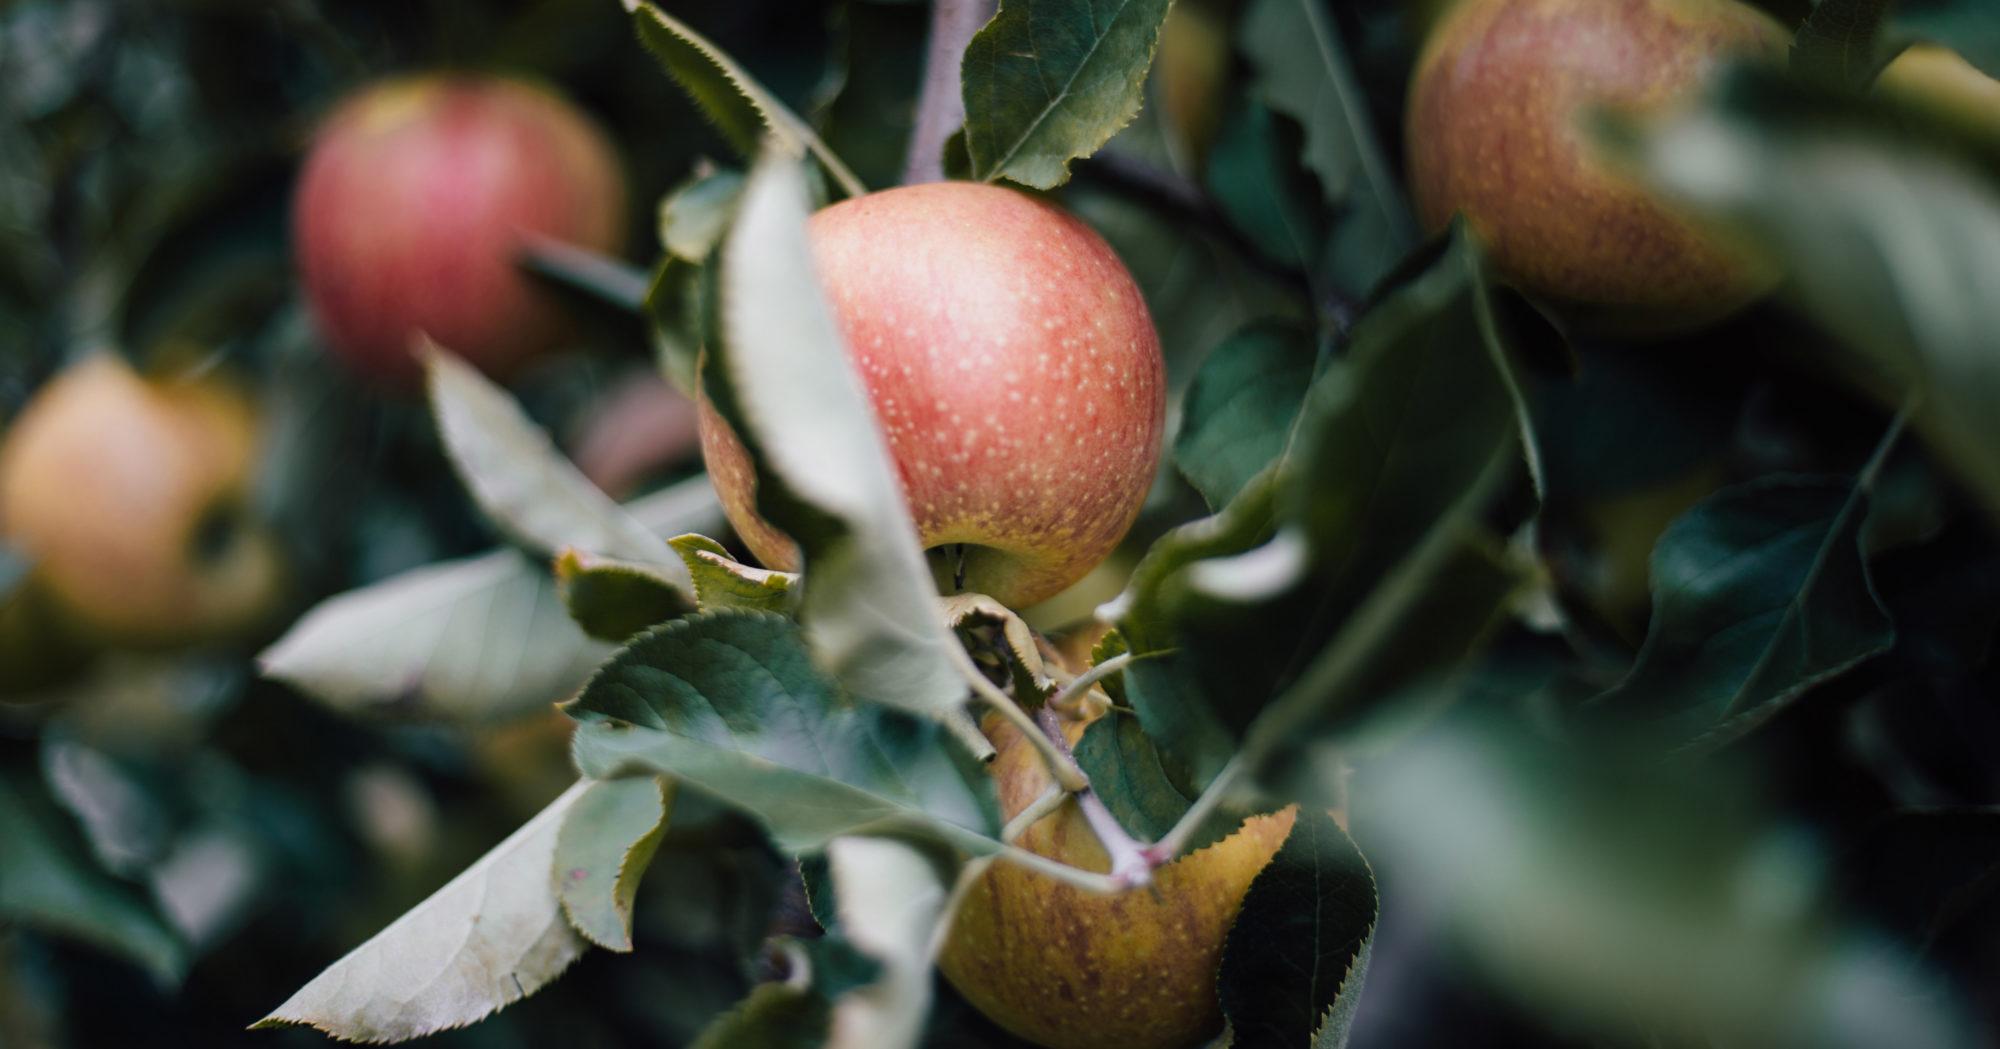 growing_apples